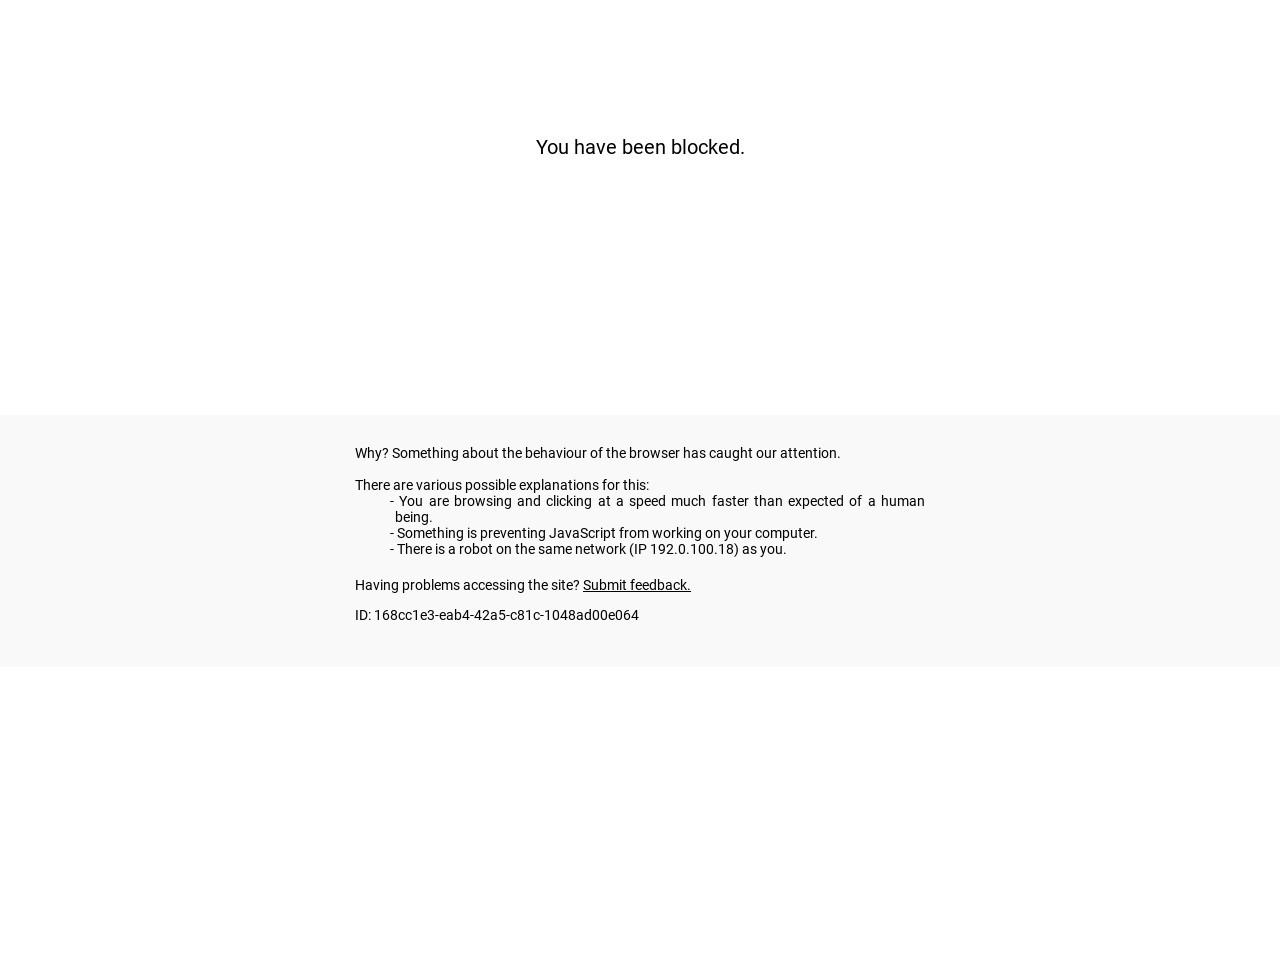 Will Binance's Accelerator Program Help Bitcoin?